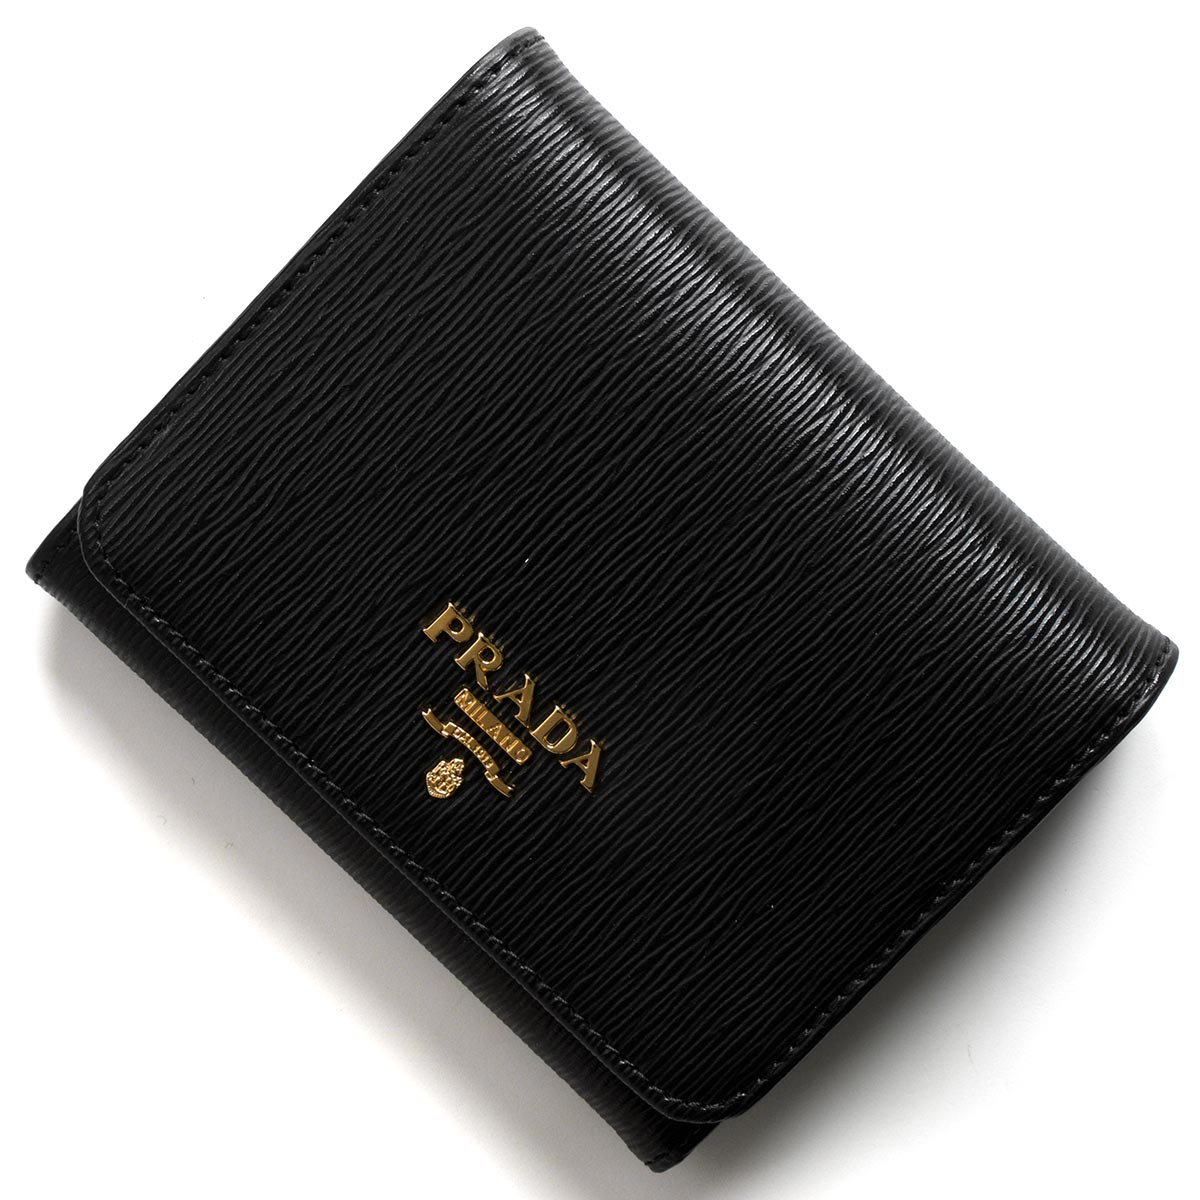 プラダ 三つ折り財布 財布 レディース ヴィッテロ ムーヴ ブラック 1MH176 2EZZ F0002 PRADA